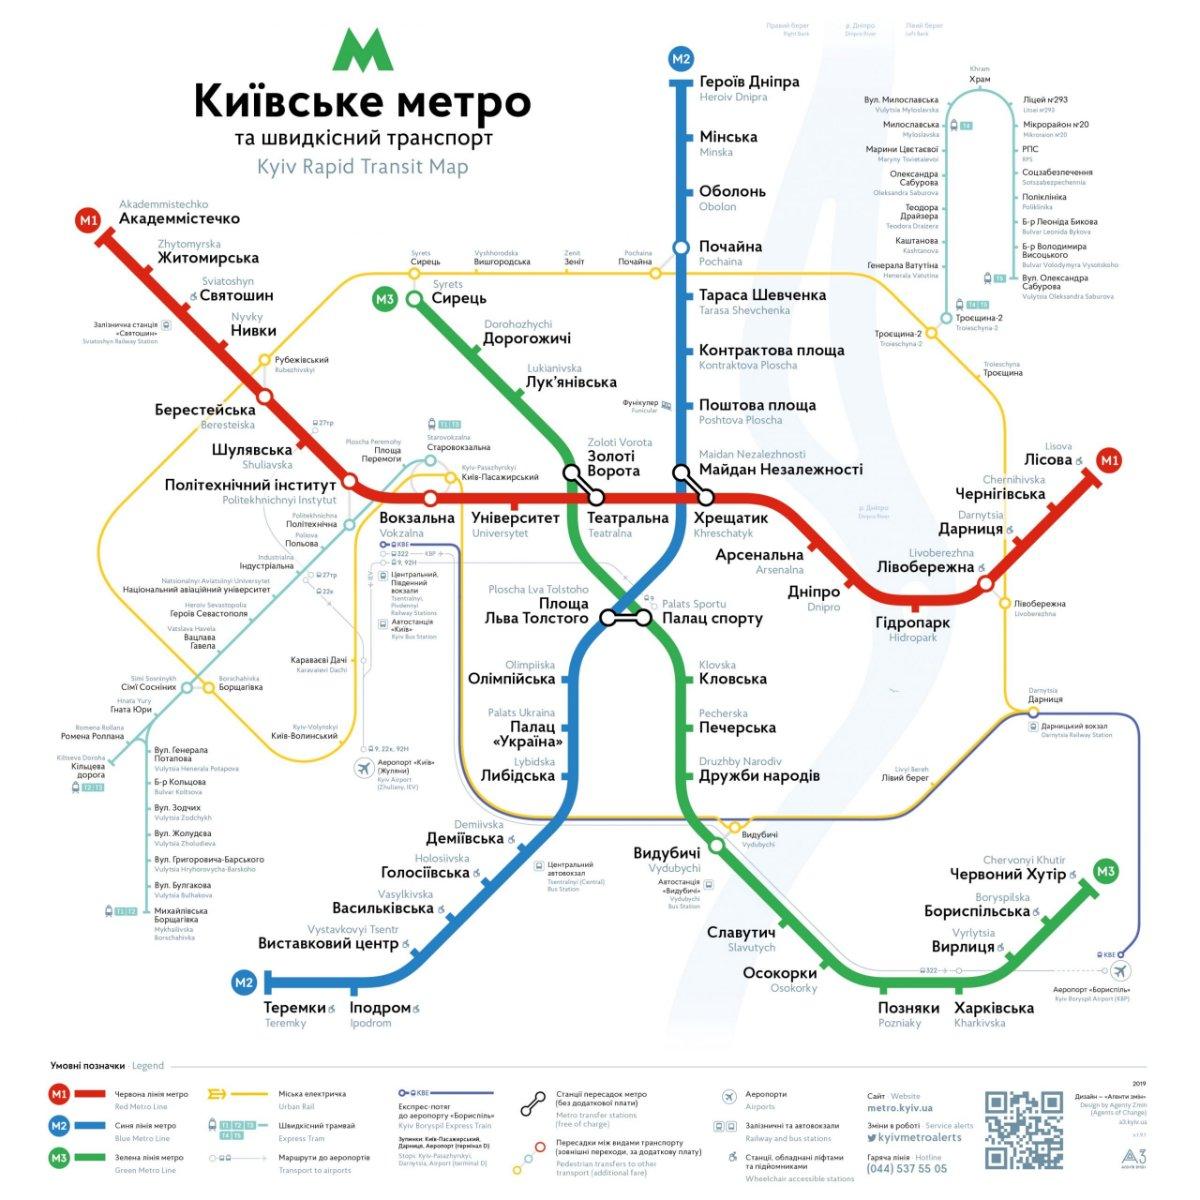 IDMedia Наружная реклама в городе Киев (Киевская область), Метро Digital в городе Киев №238999 схема